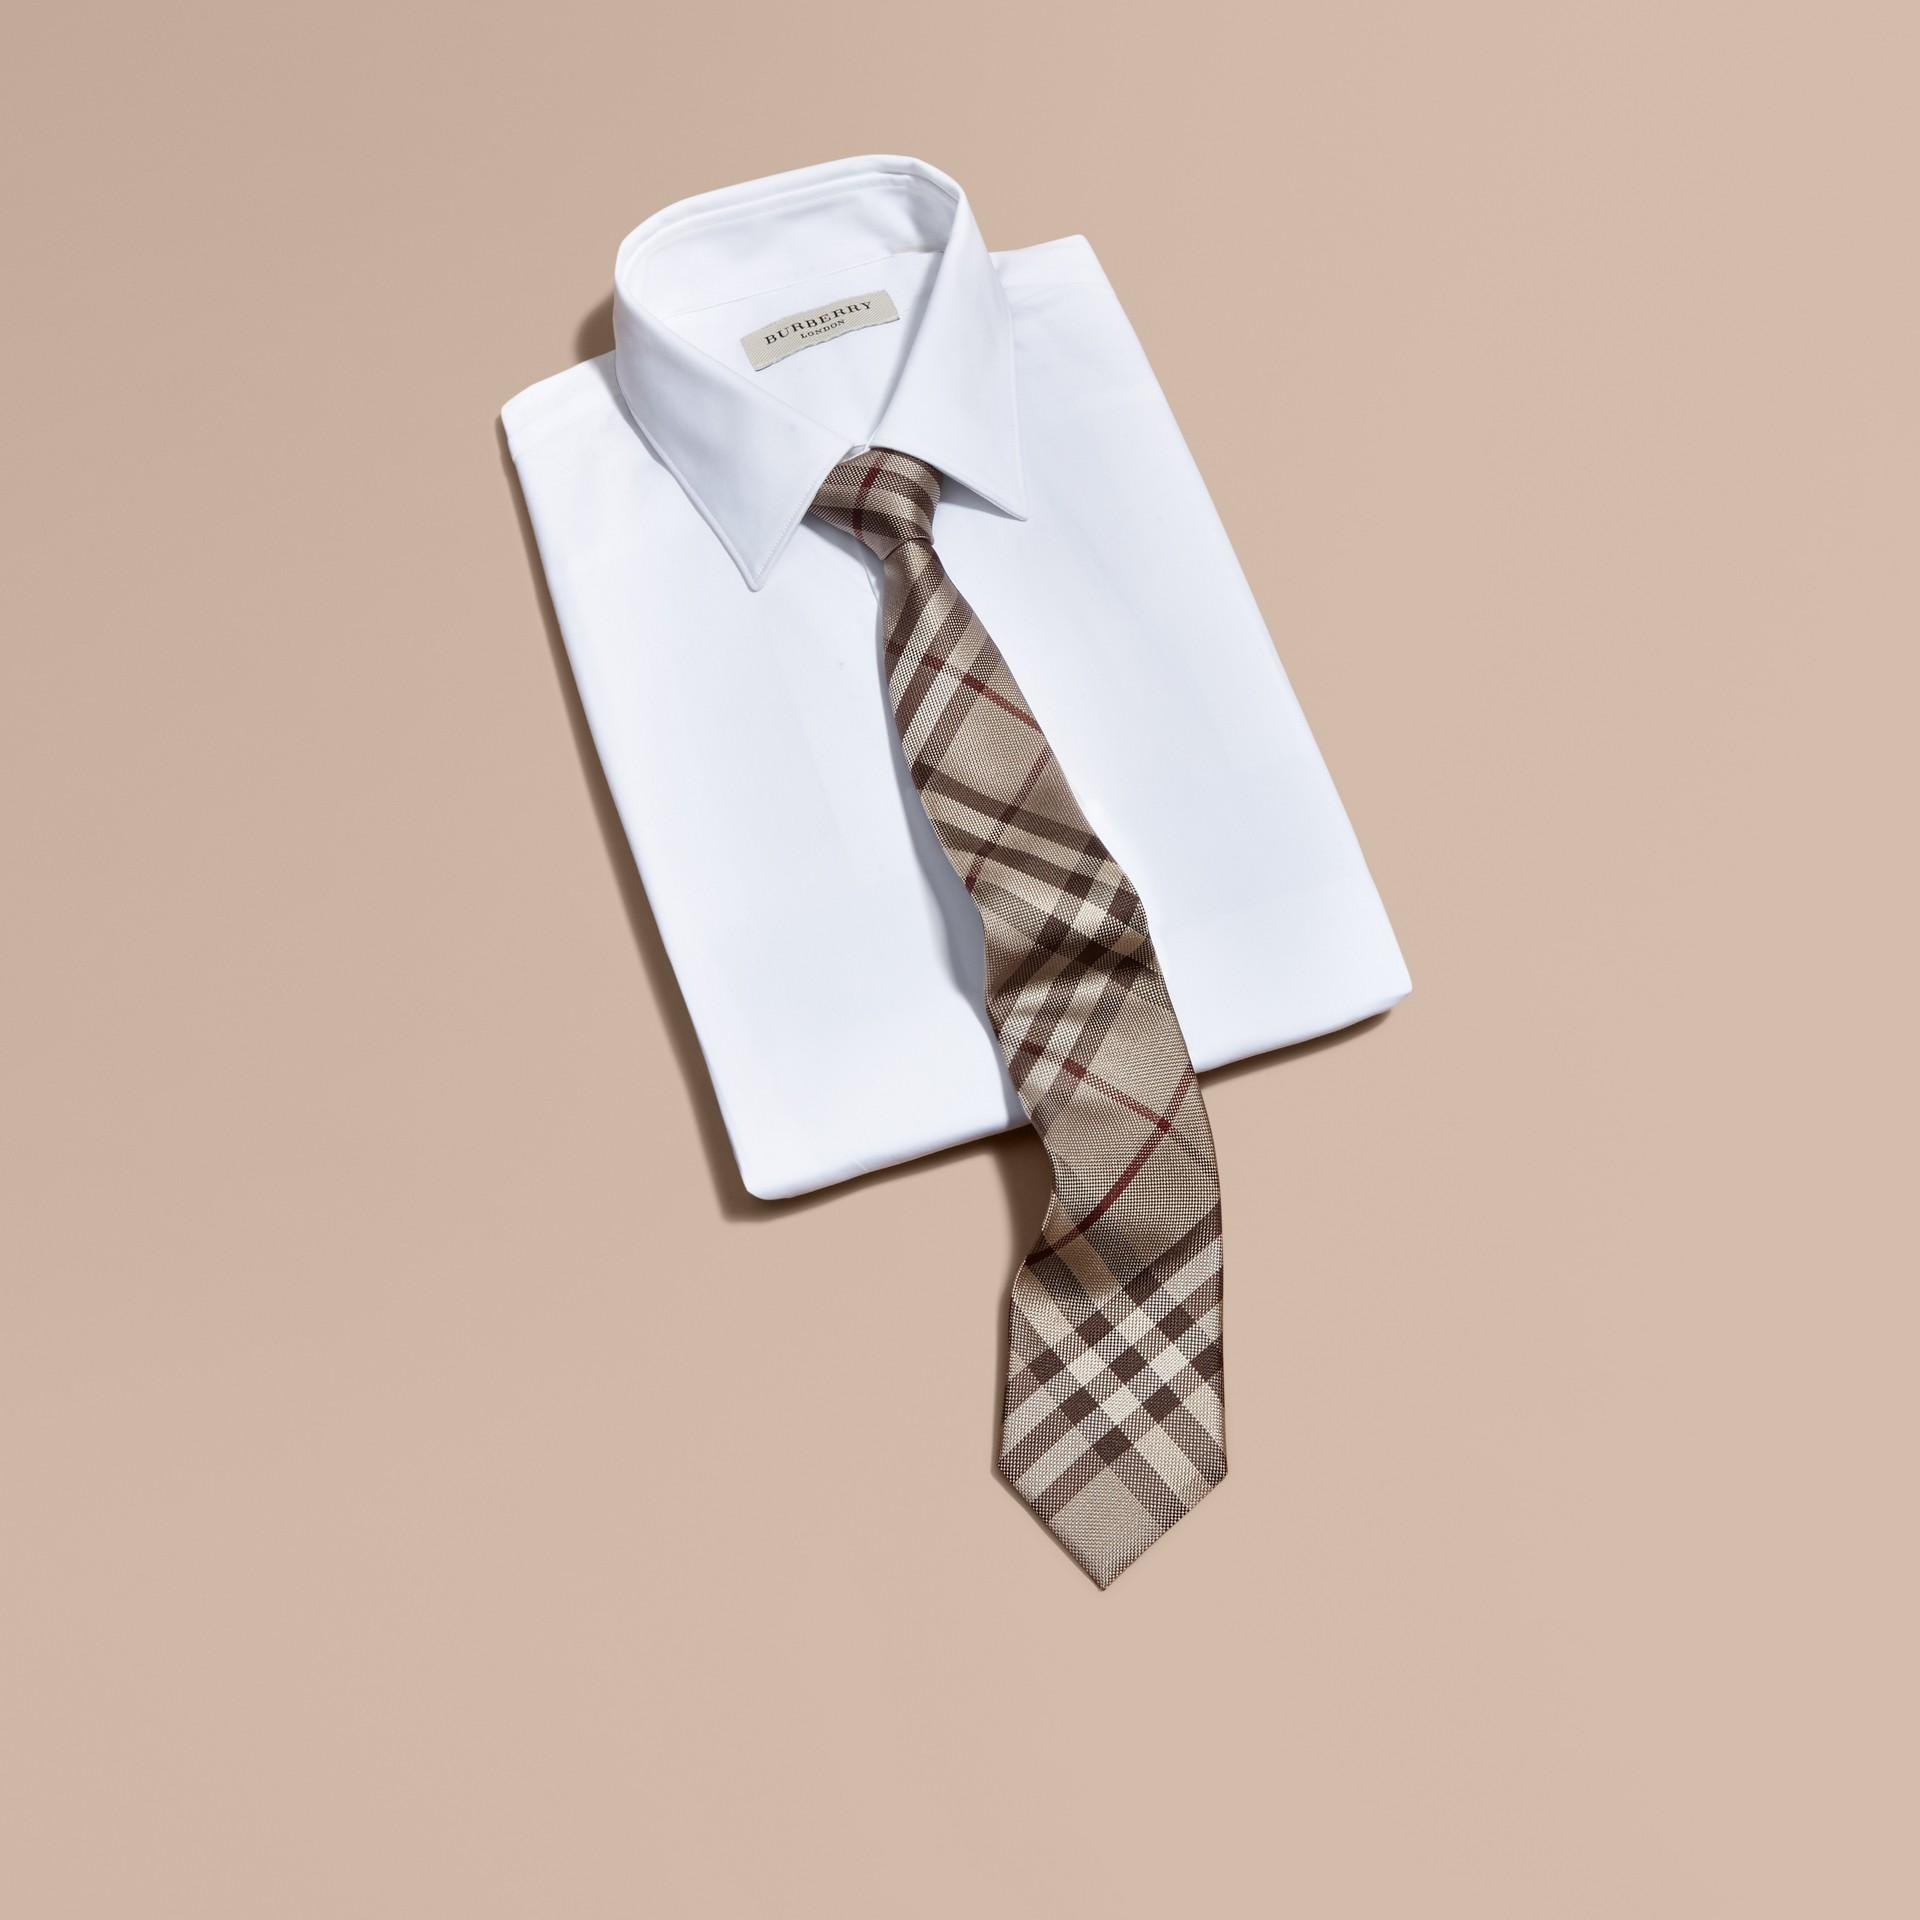 Trench coat ahumado Corbata de pala moderna de checks en seda - imagen de la galería 3